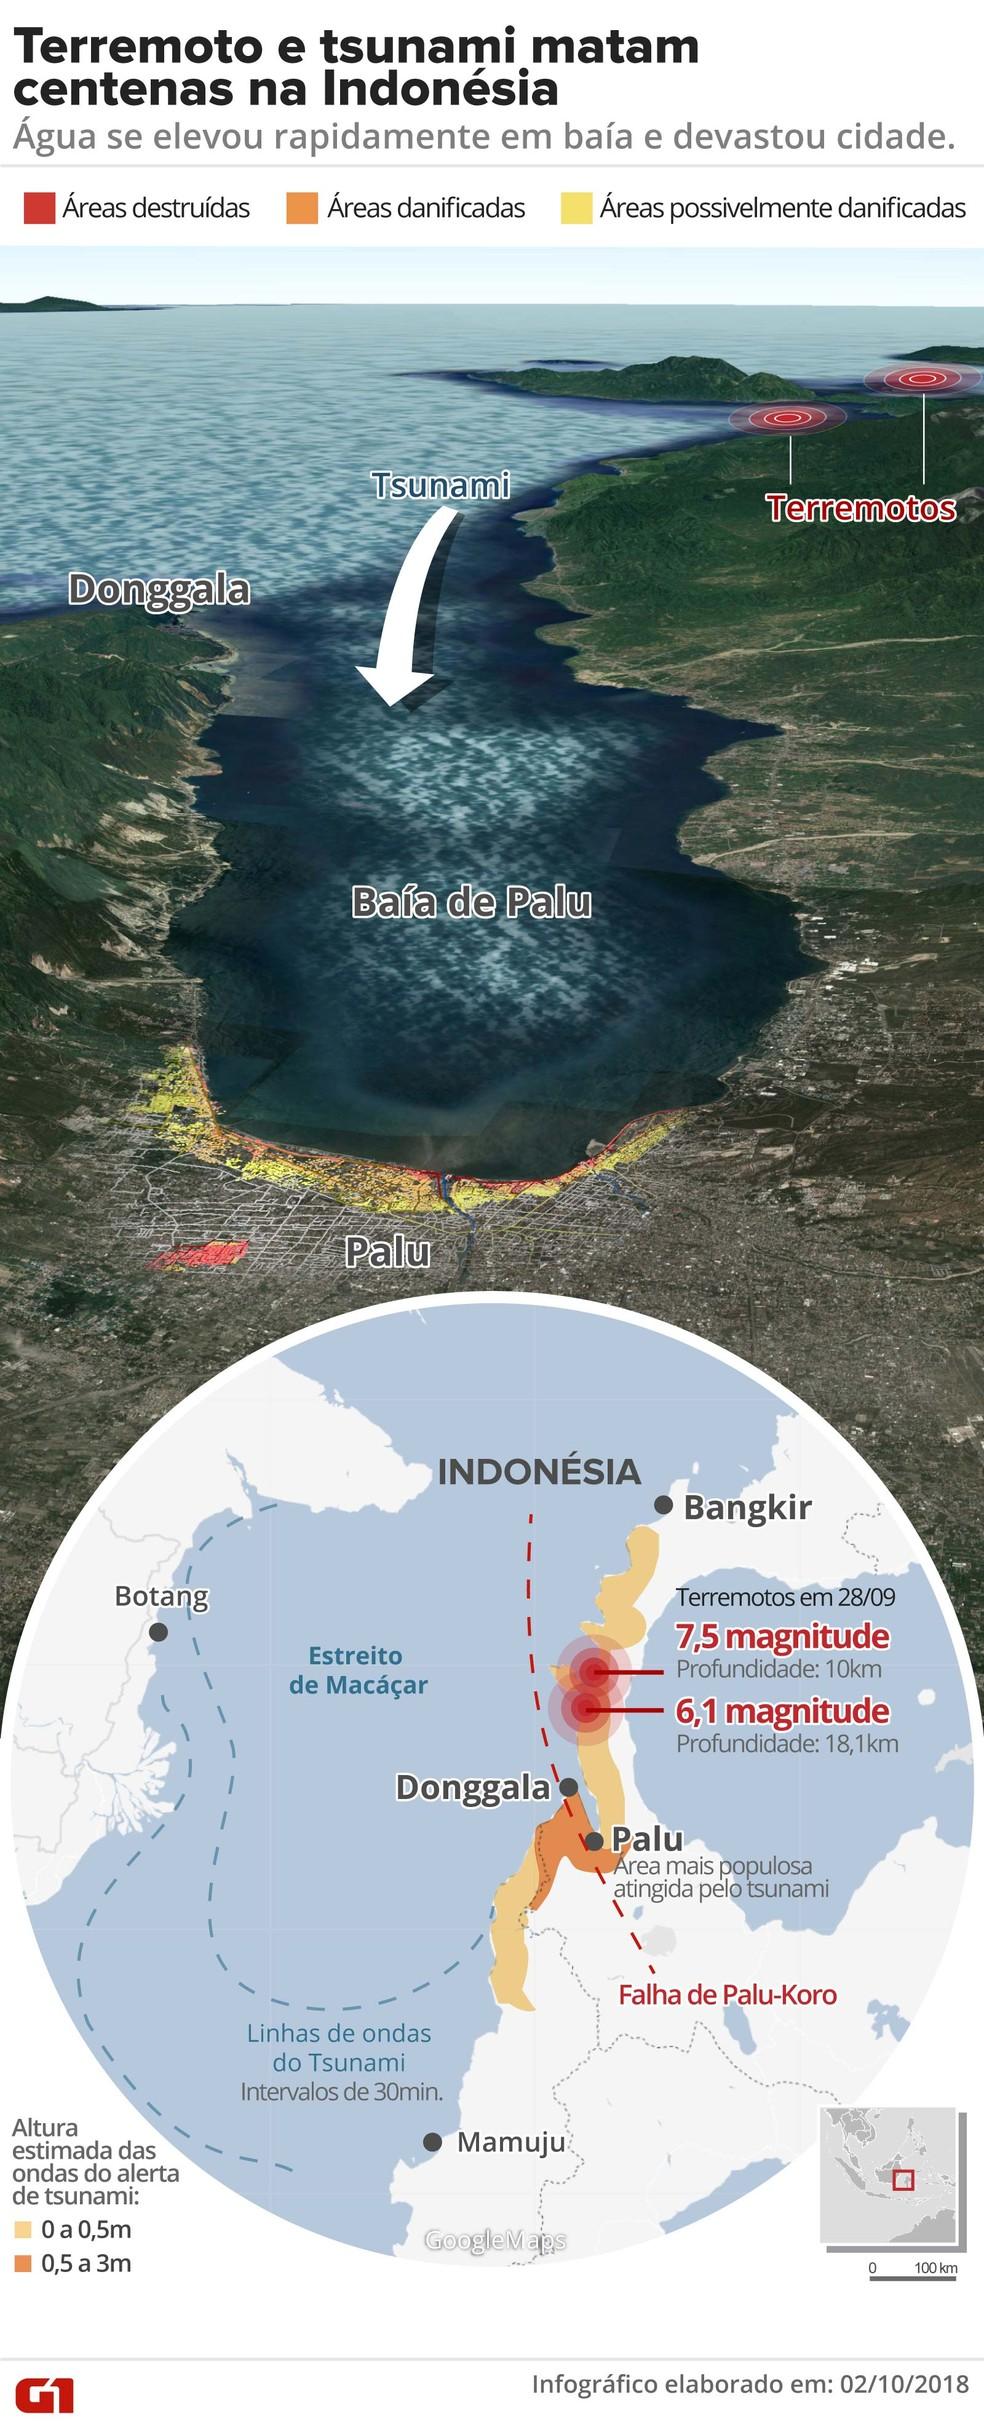 Mapa mostra como aconteceu o tsunami na Indonésia — Foto: Infografia: Juliane souza e Roberta Jaworski